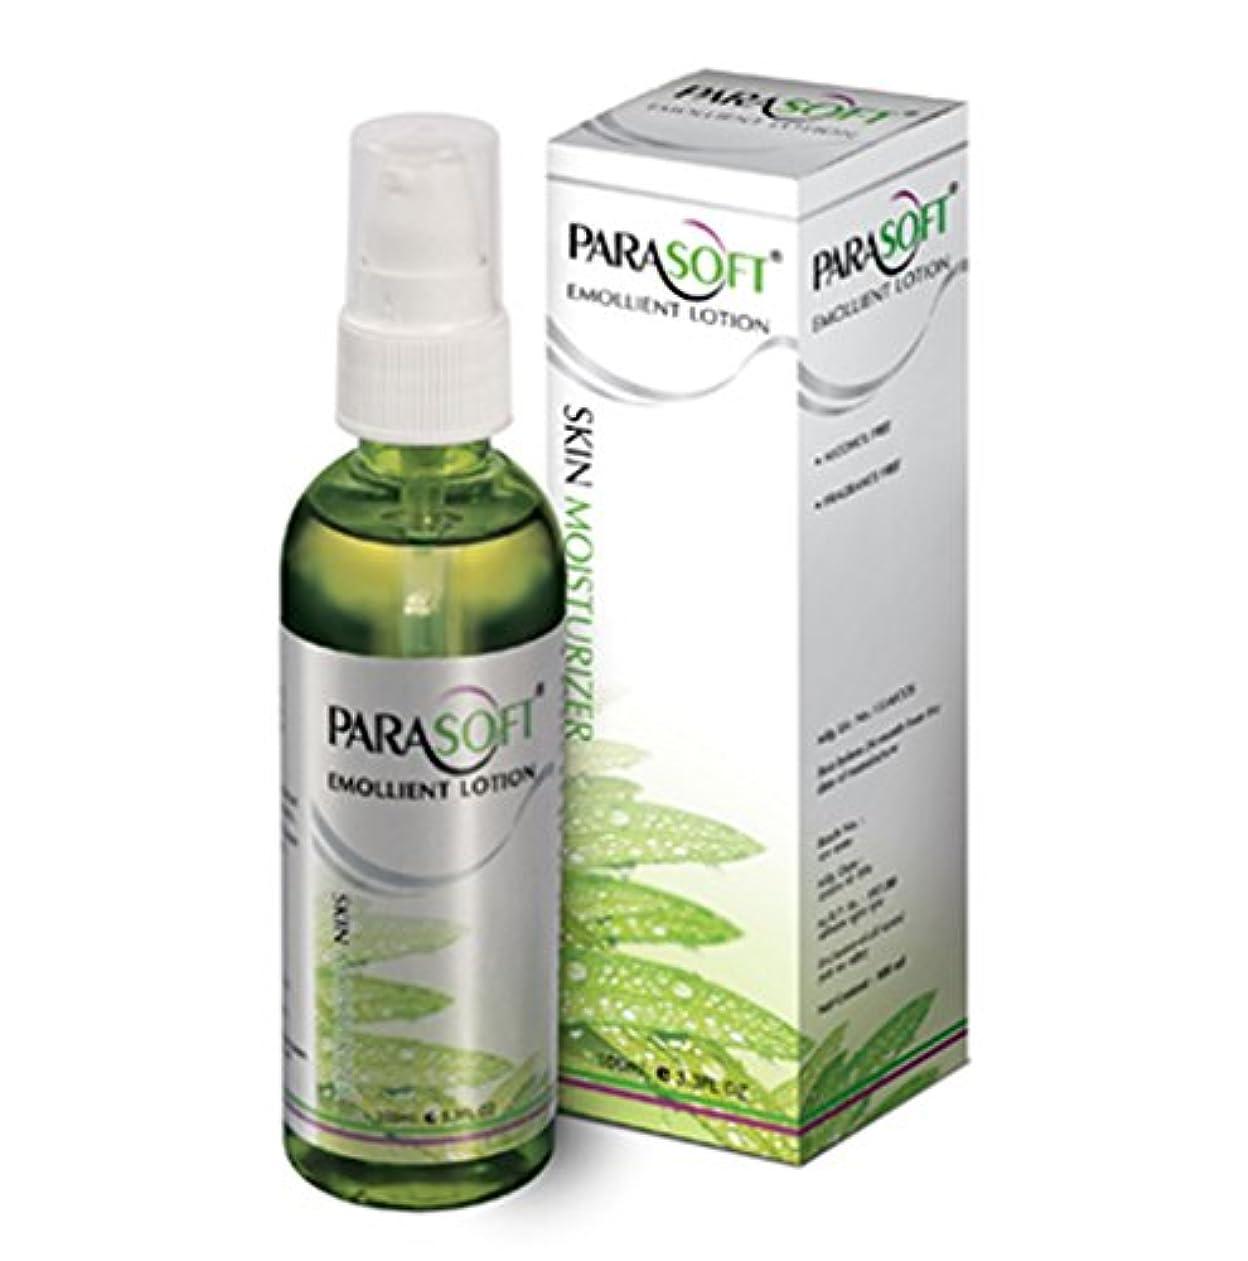 帰る刺激する勤勉Paraffin Lotion Grapeseed, Jojoba, Aloevera, Avocado, Olive Oil Dry Skin 100ml